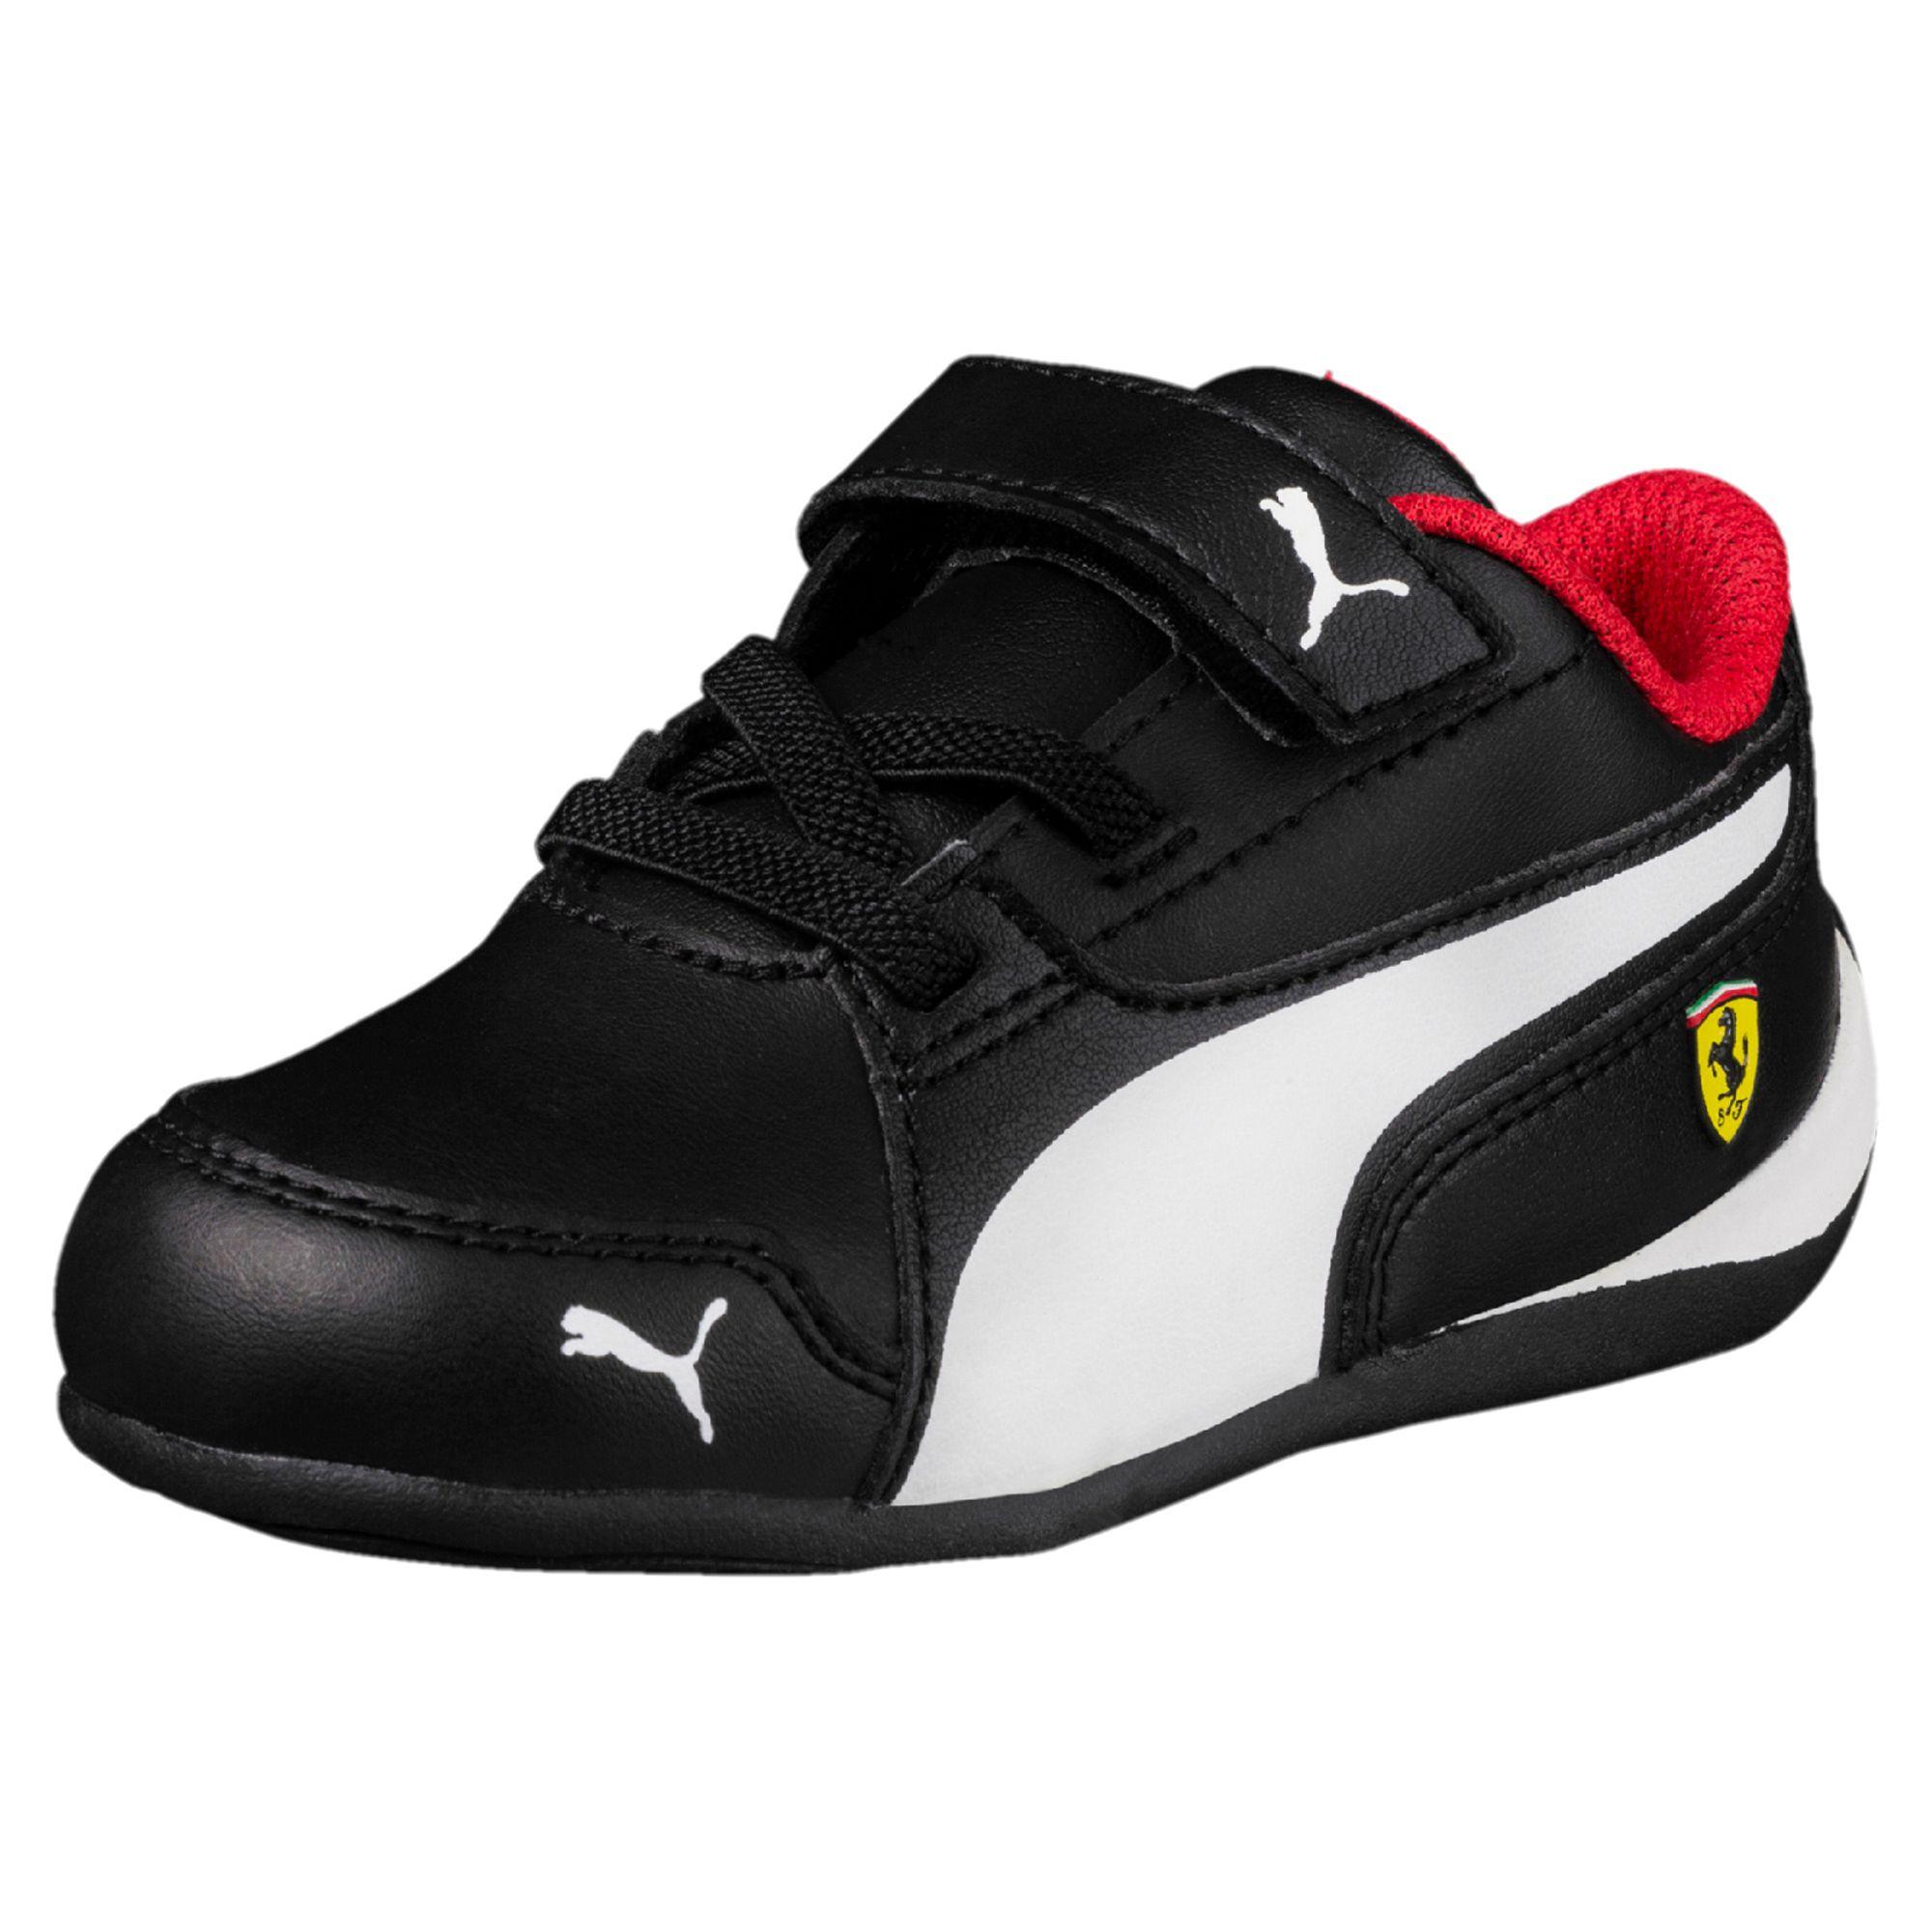 Ferrari Drift Cat 7 Детские Кроссовки